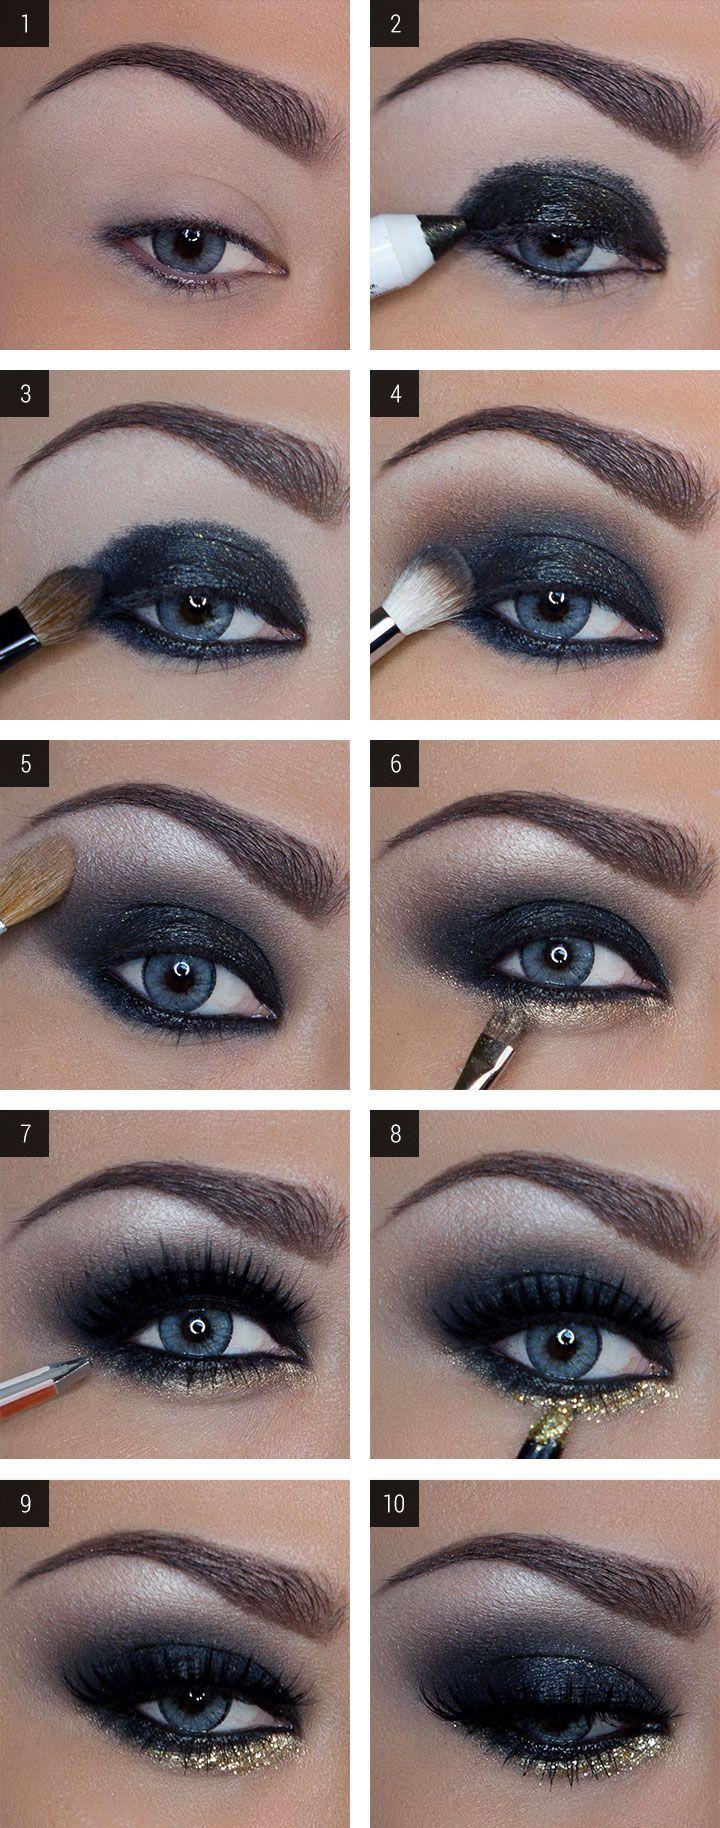 Maquillaje paso a paso como combinar maquillaje de ojo y el color - Os Dejo El Paso A Paso De Este Maquillaje En Negro Y Dorado Un Estilo